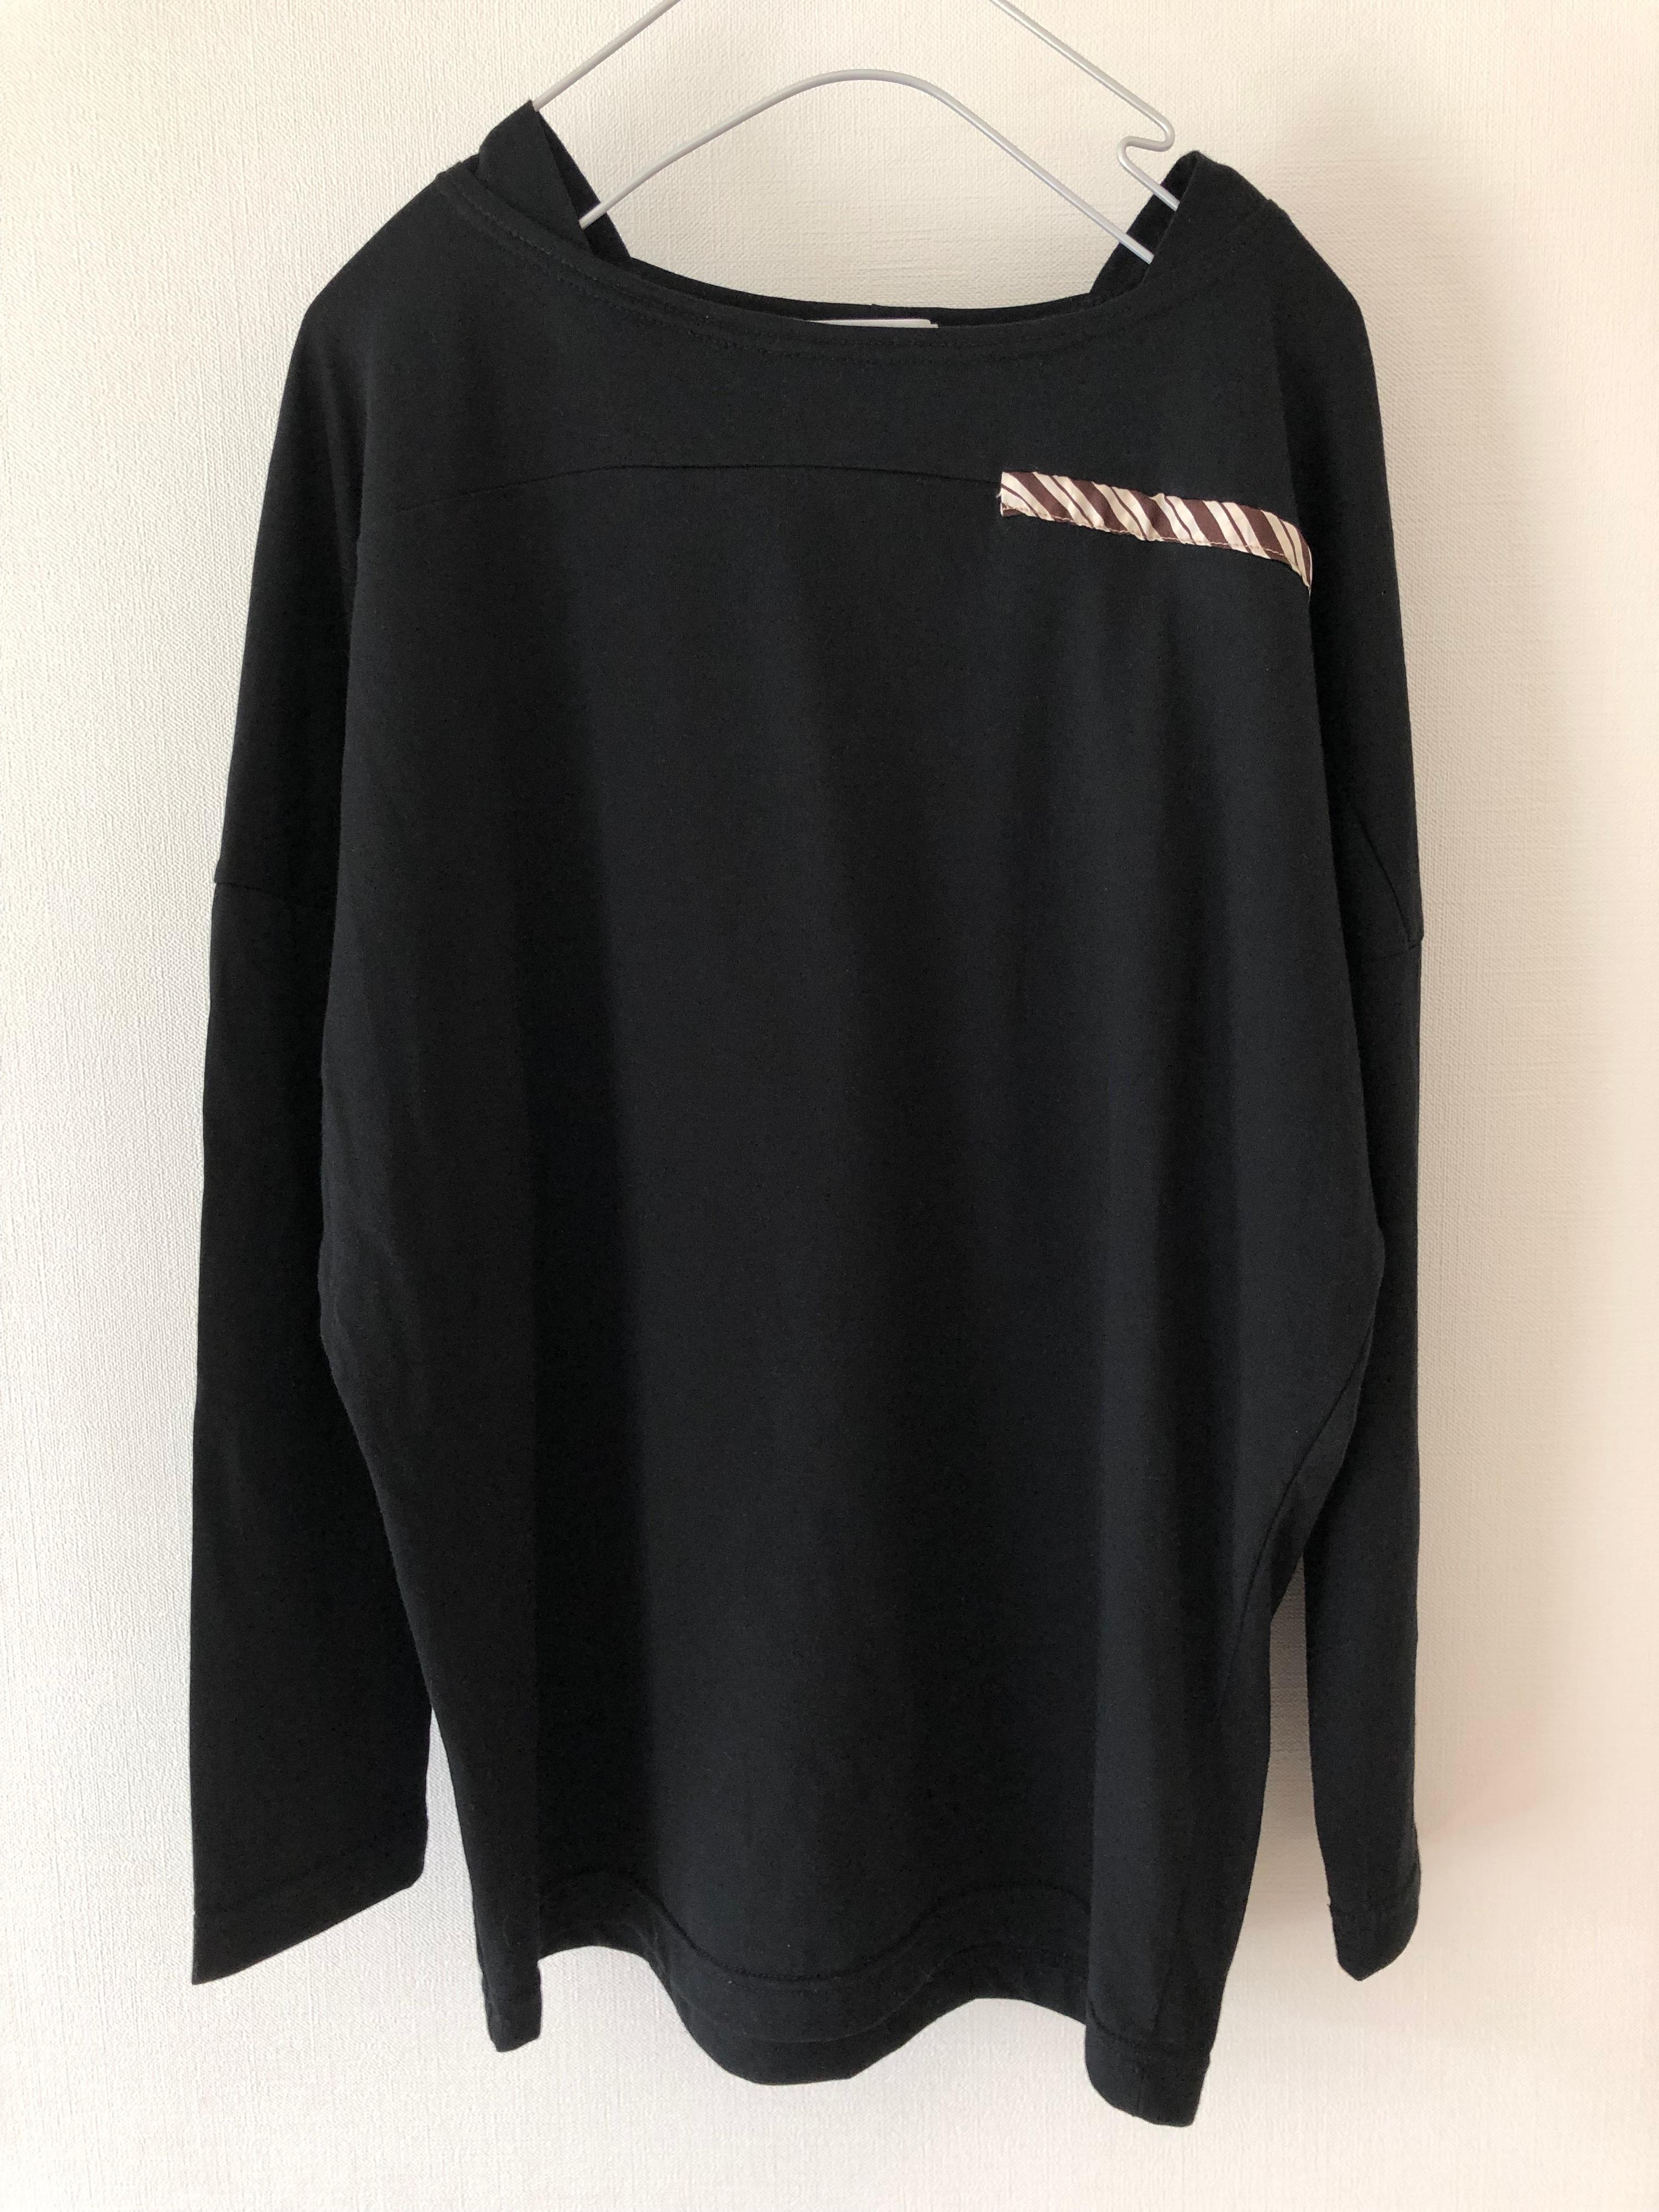 TT-009-1 (black)